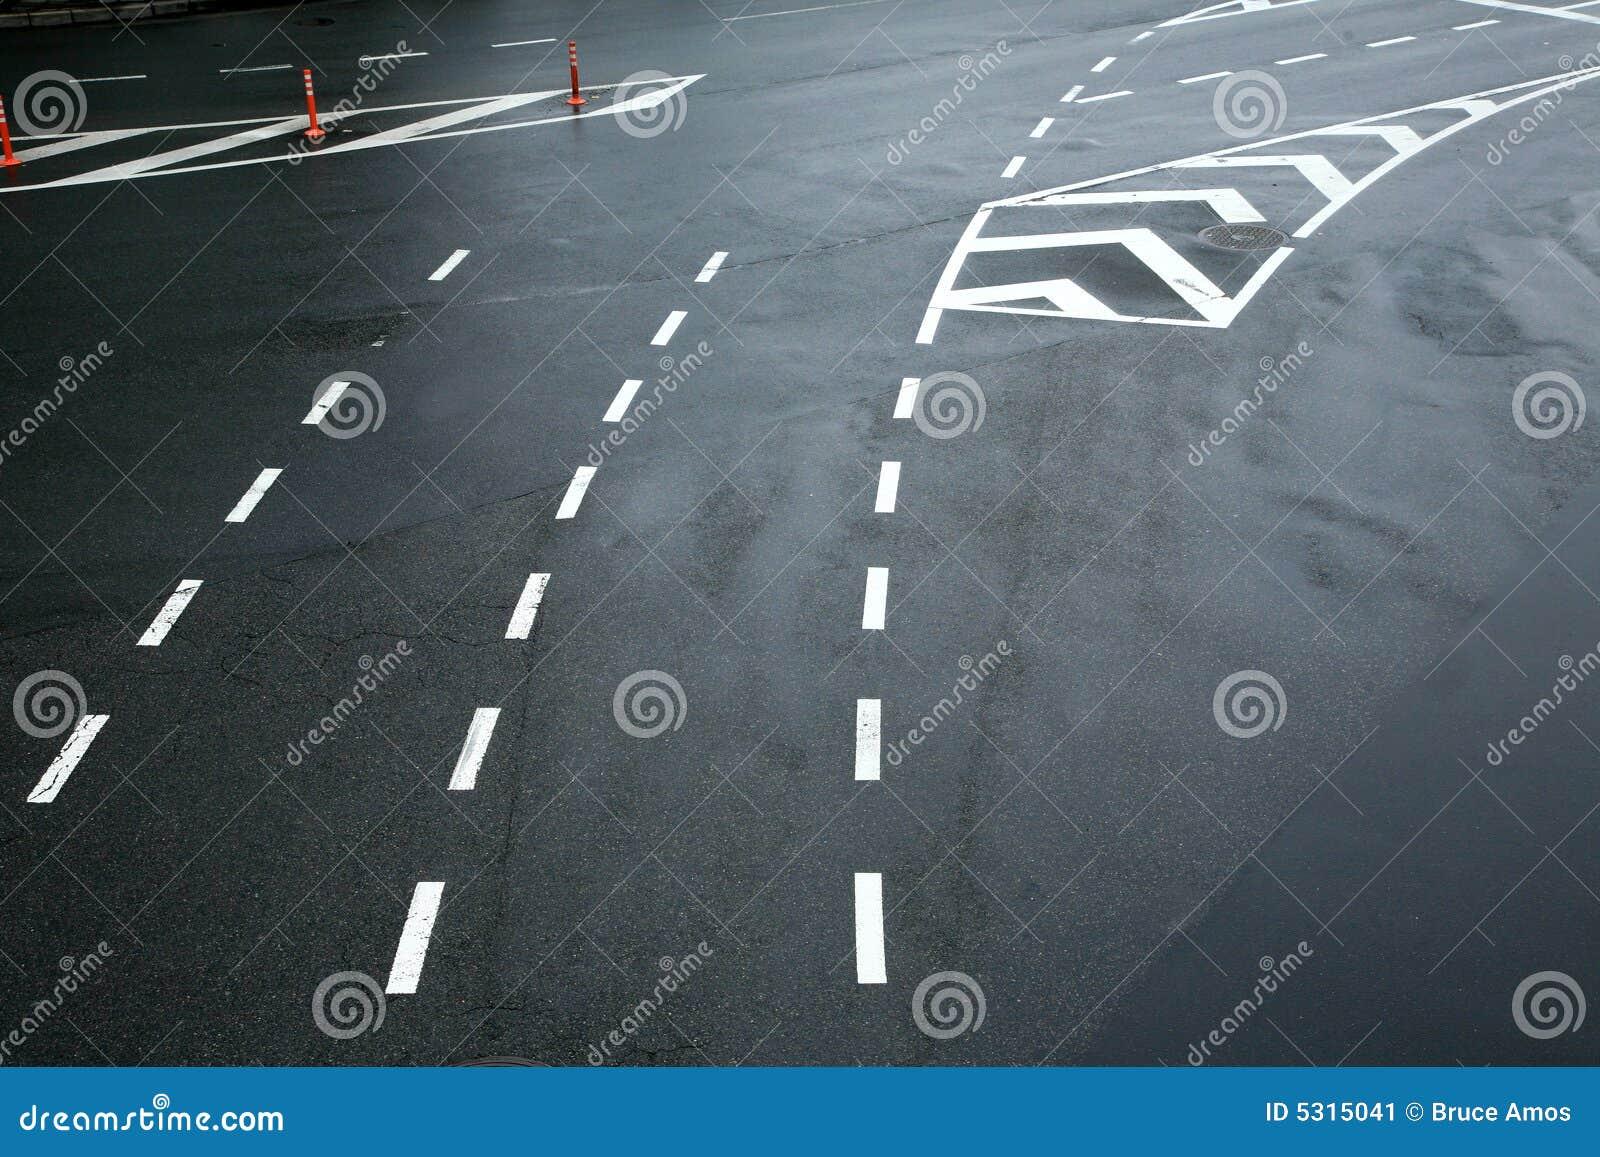 Download Righe Di Traffico Su Asfalto Immagine Stock - Immagine di disegno, simbolo: 5315041